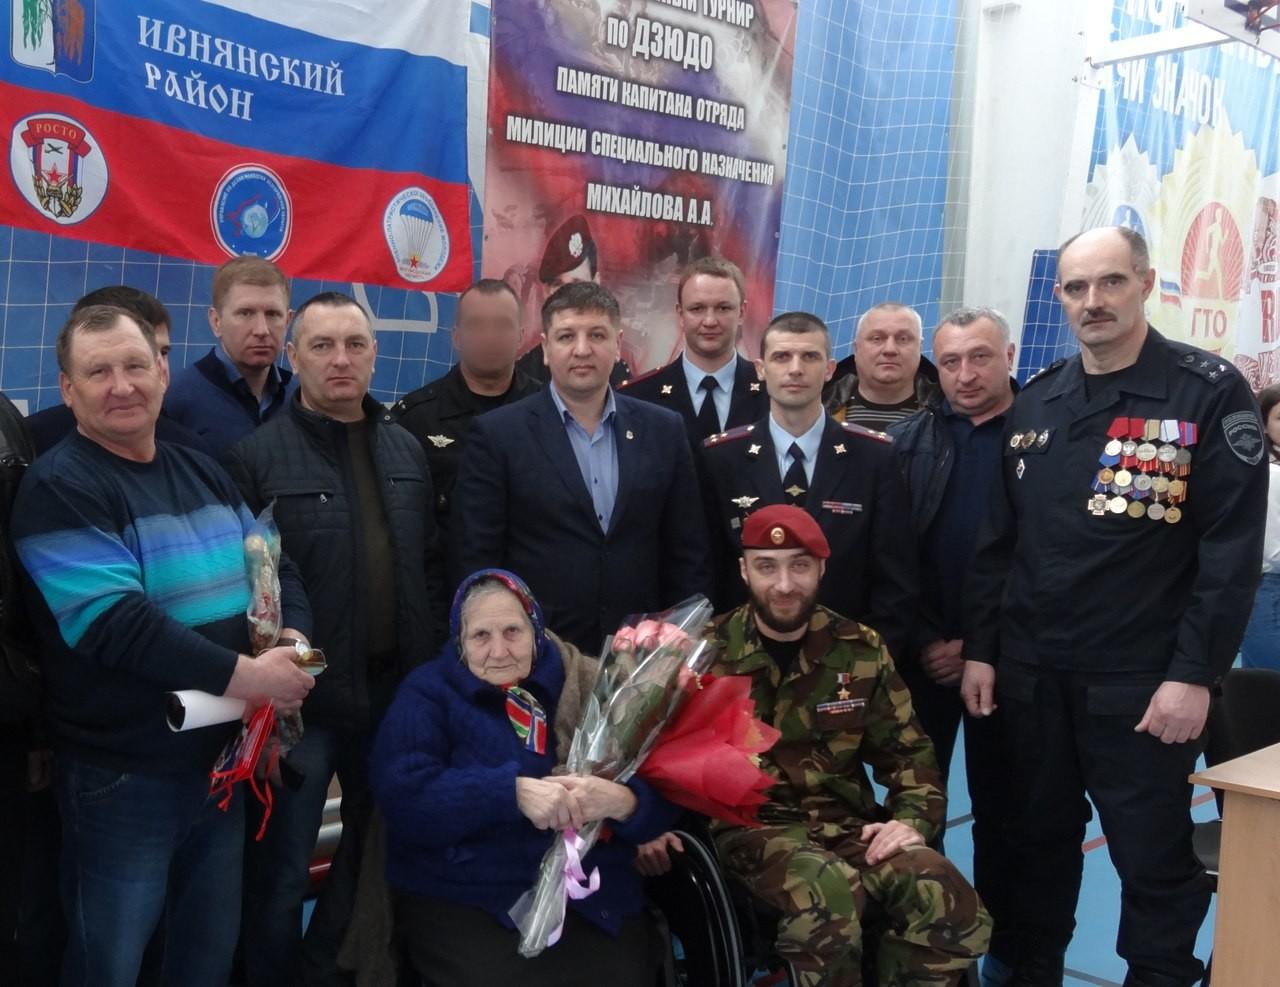 Традиционный турнир по дзюдо, посвященный памяти  Алексея Михайлова